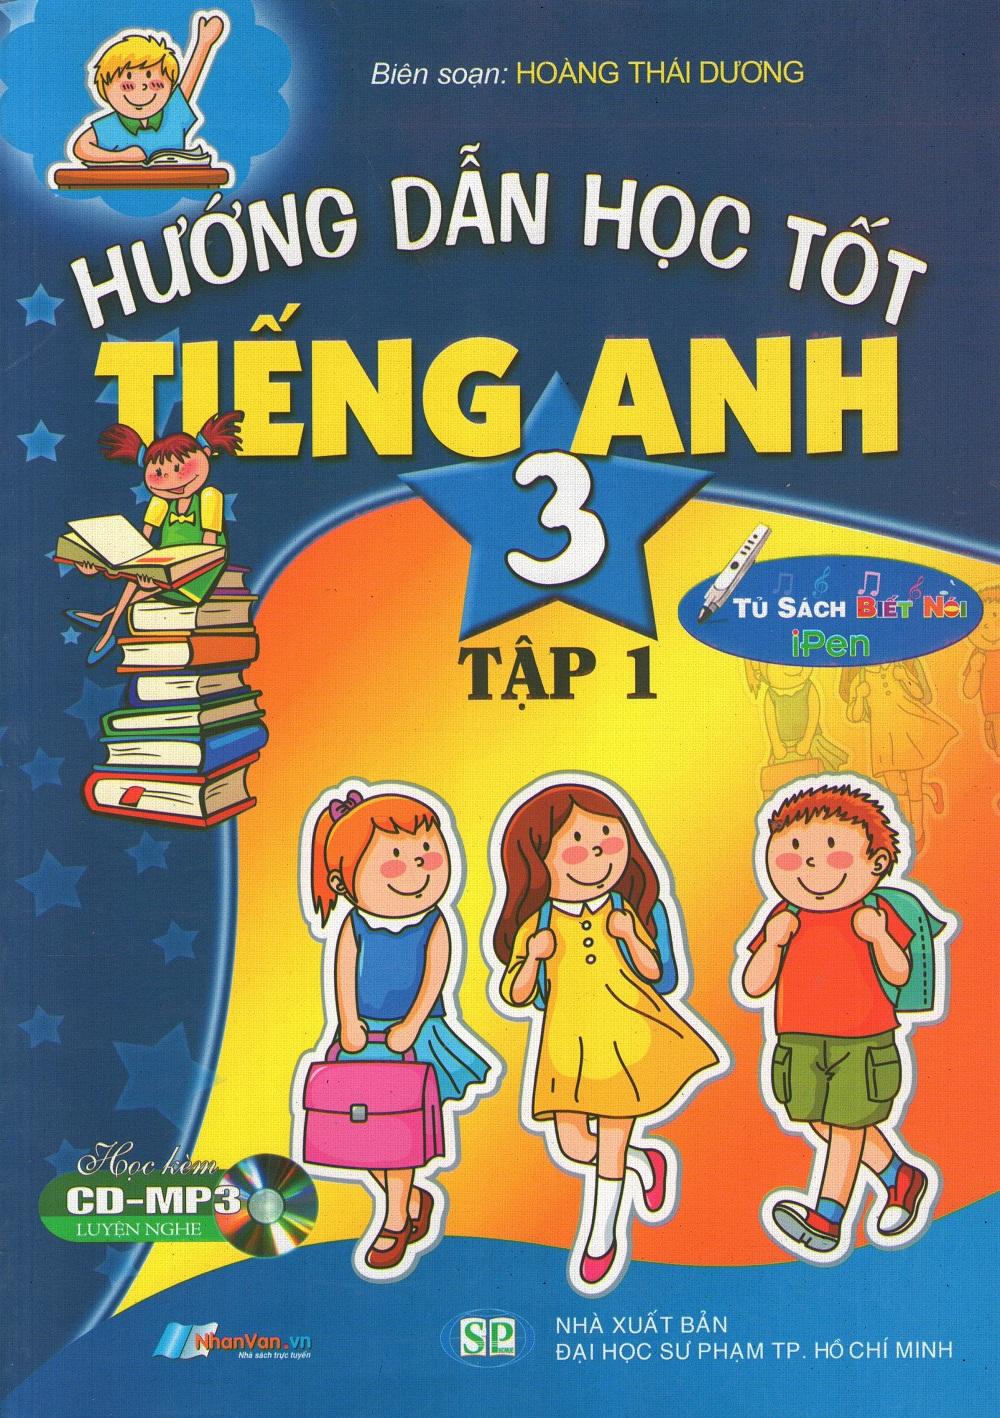 Bìa sách Hướng Dẫn Học Tốt Tiếng Anh Lớp 3 (Tập 1) (Kèm CD)